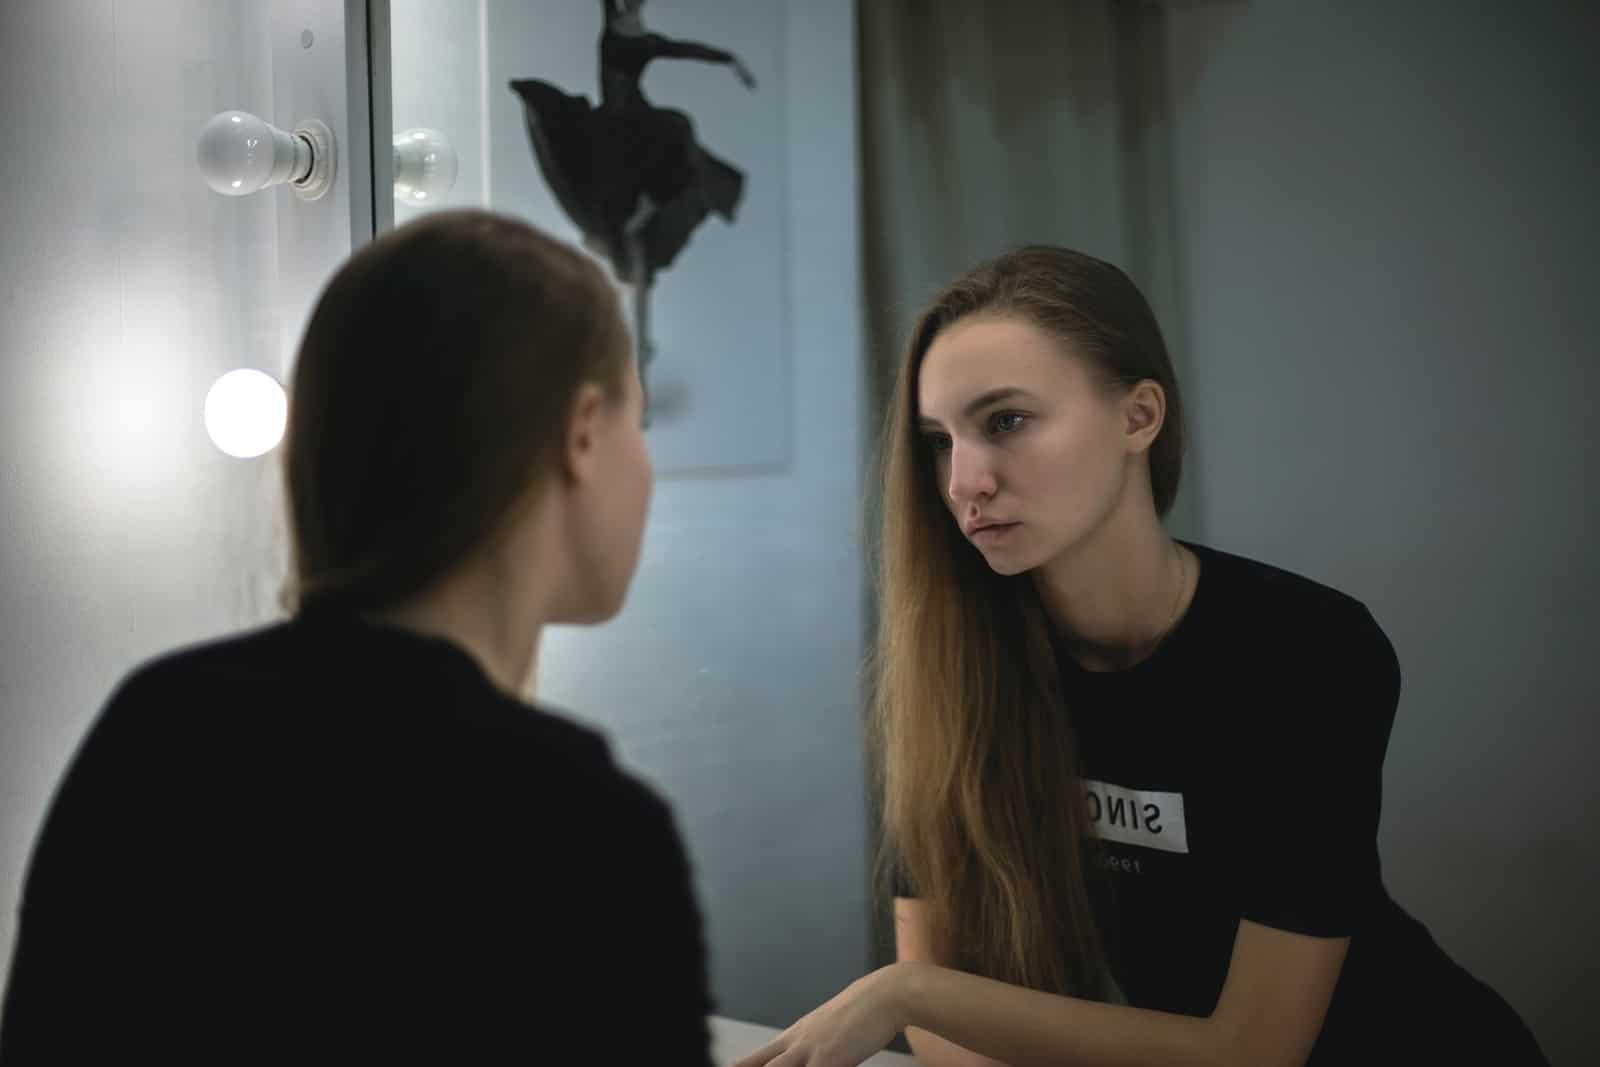 eine Frau, die vor dem Spiegel steht und sich selbst ansieht